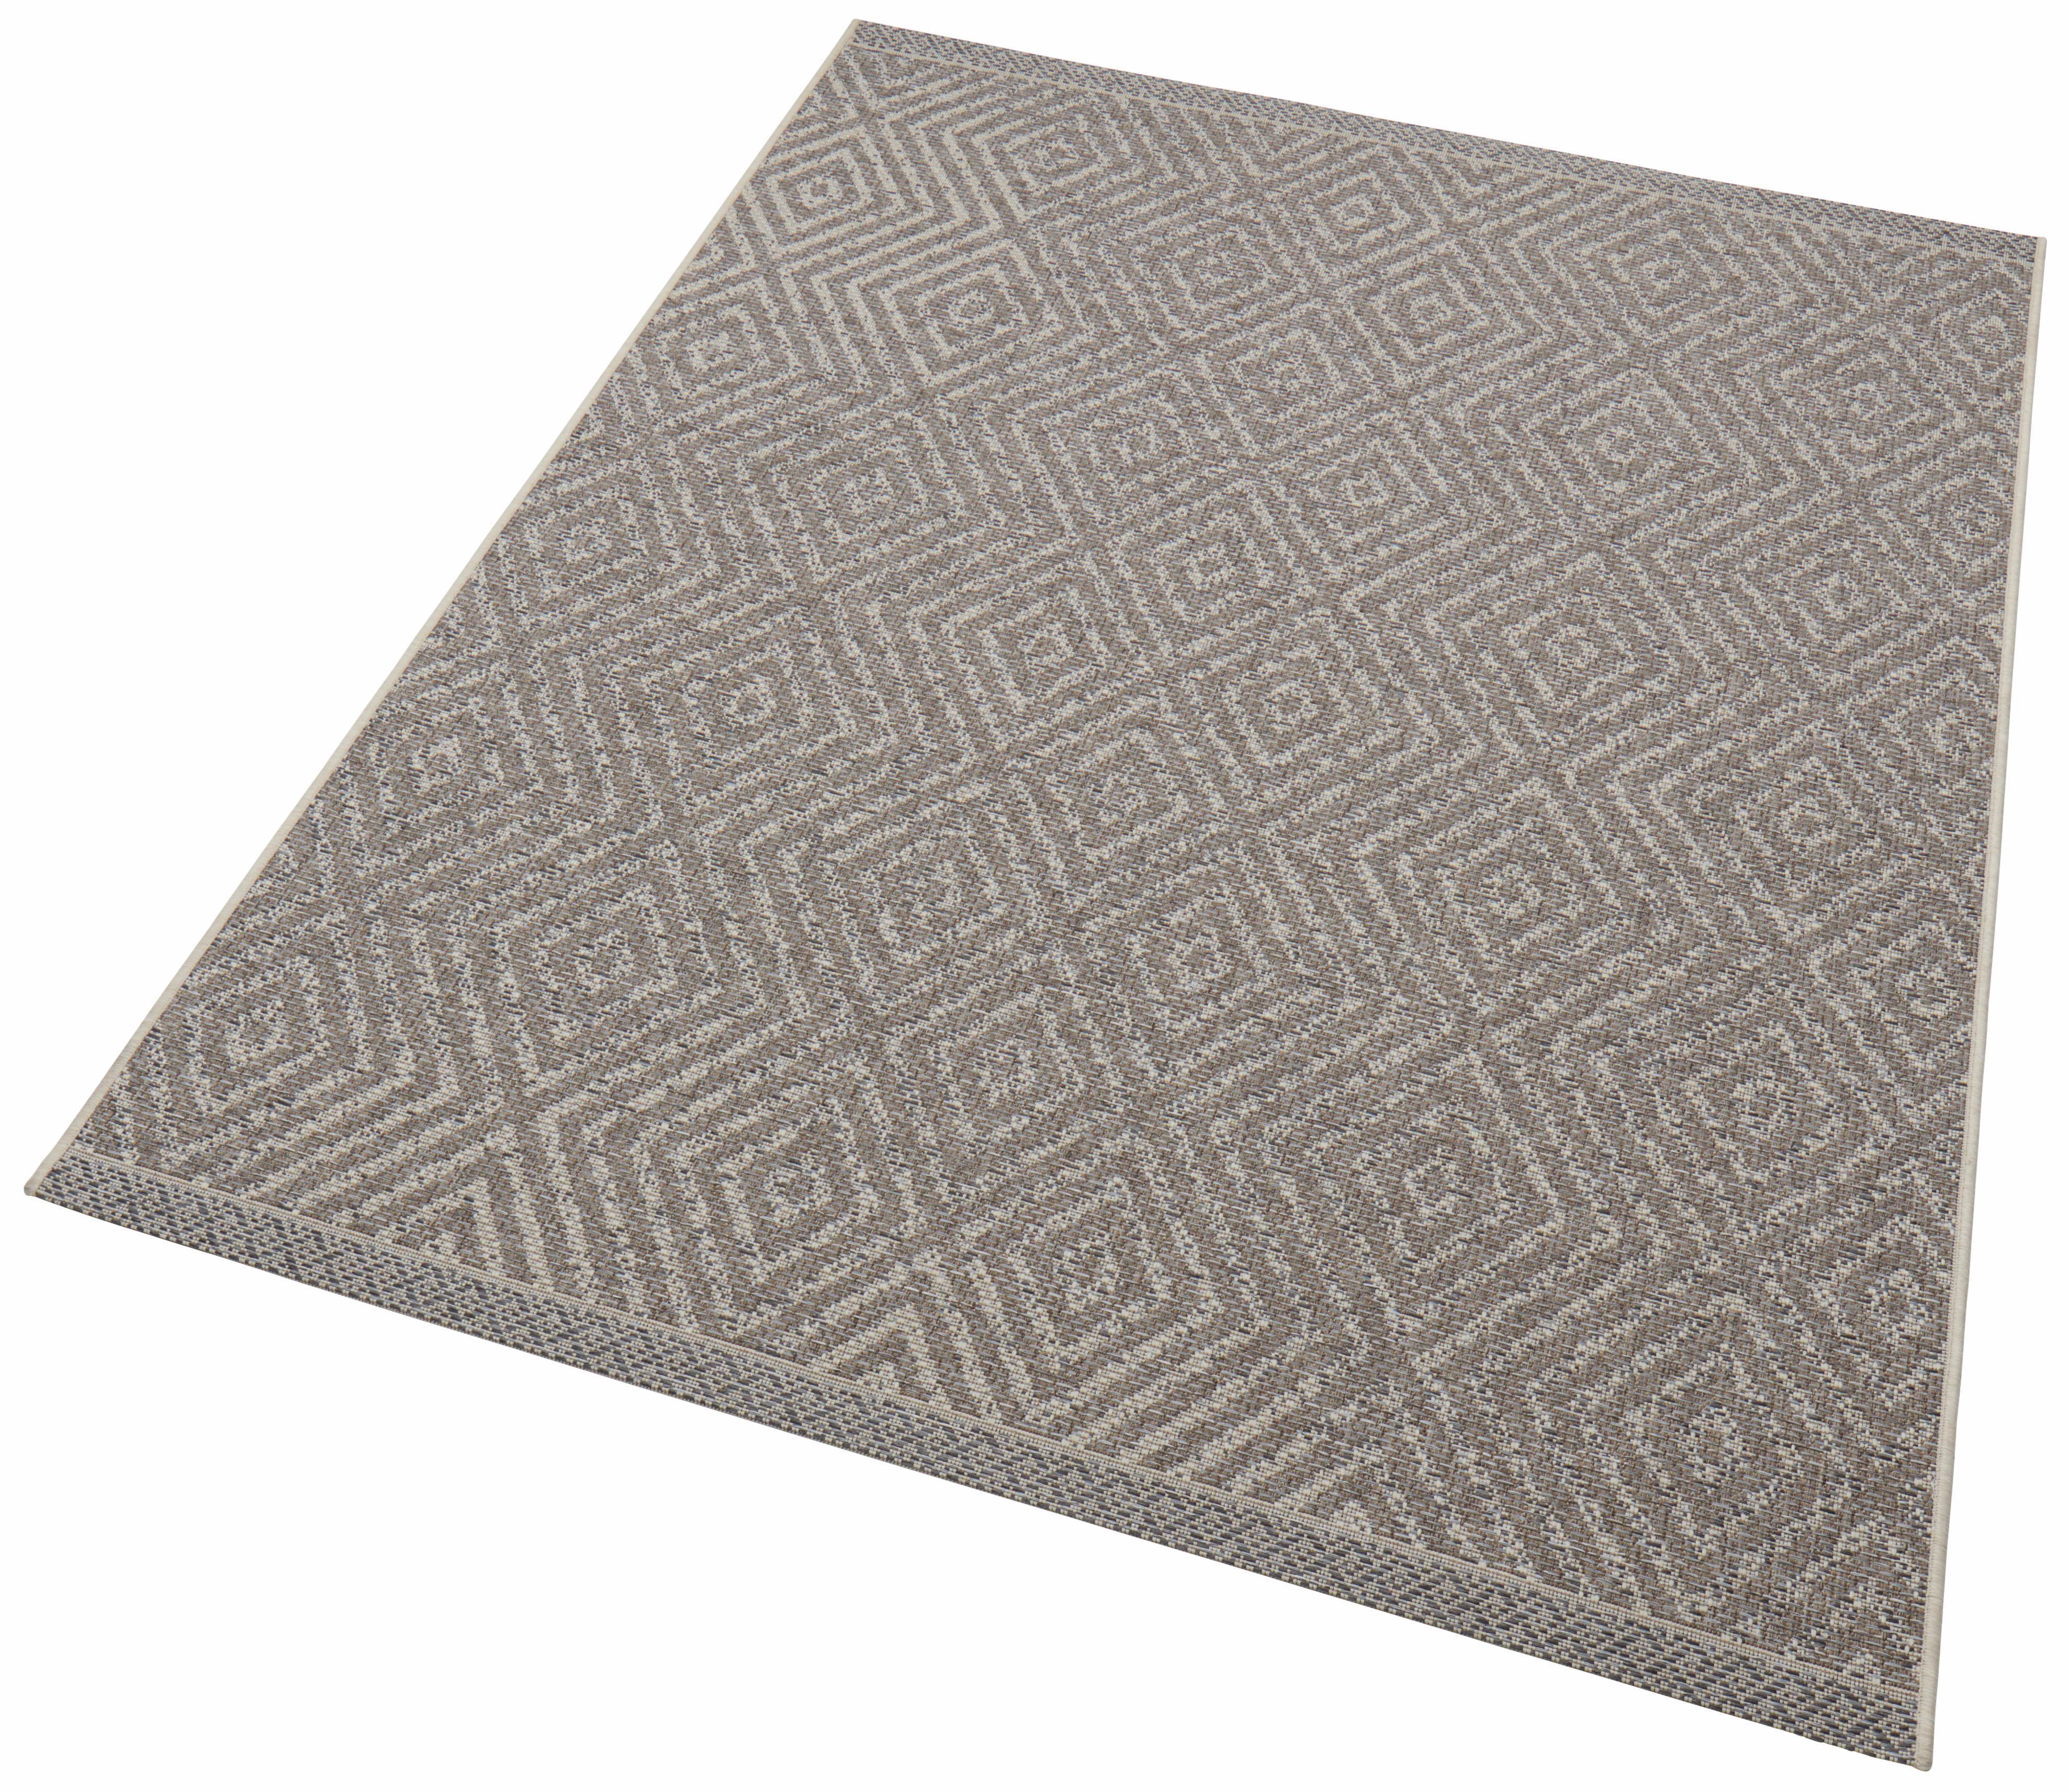 Teppich Sea freundin Home Collection rechteckig Höhe 4 mm maschinell gewebt